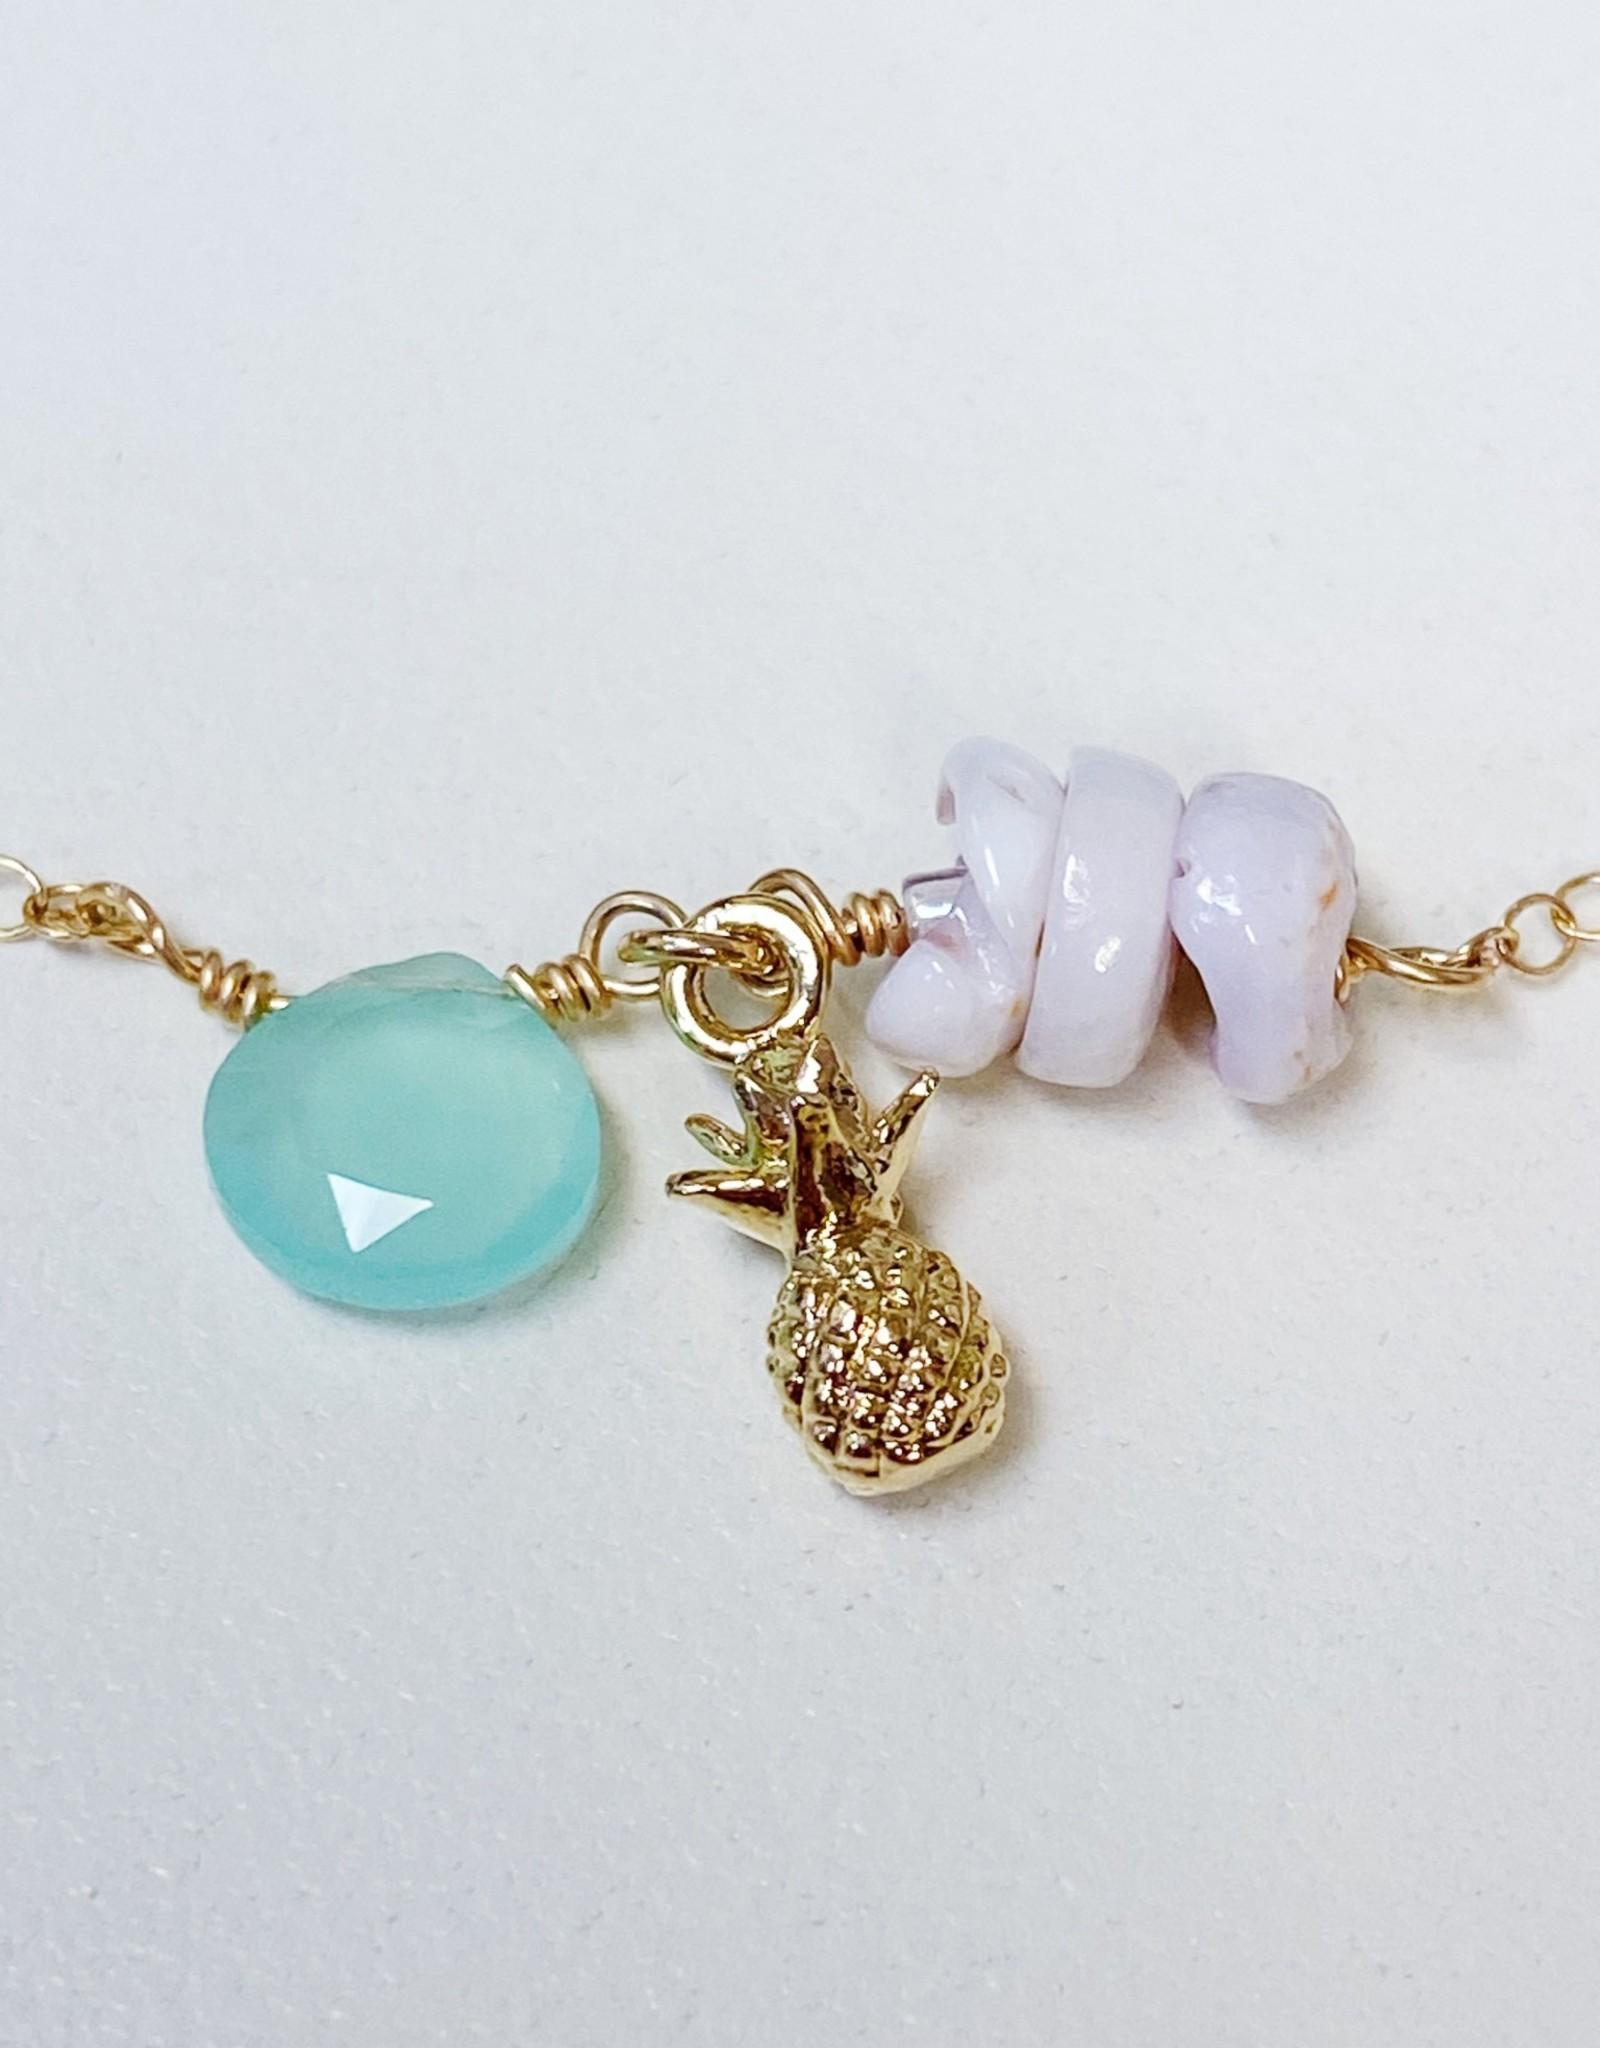 Komakai Jewelry Maile Anklet S/M - Aqua Chalcedony